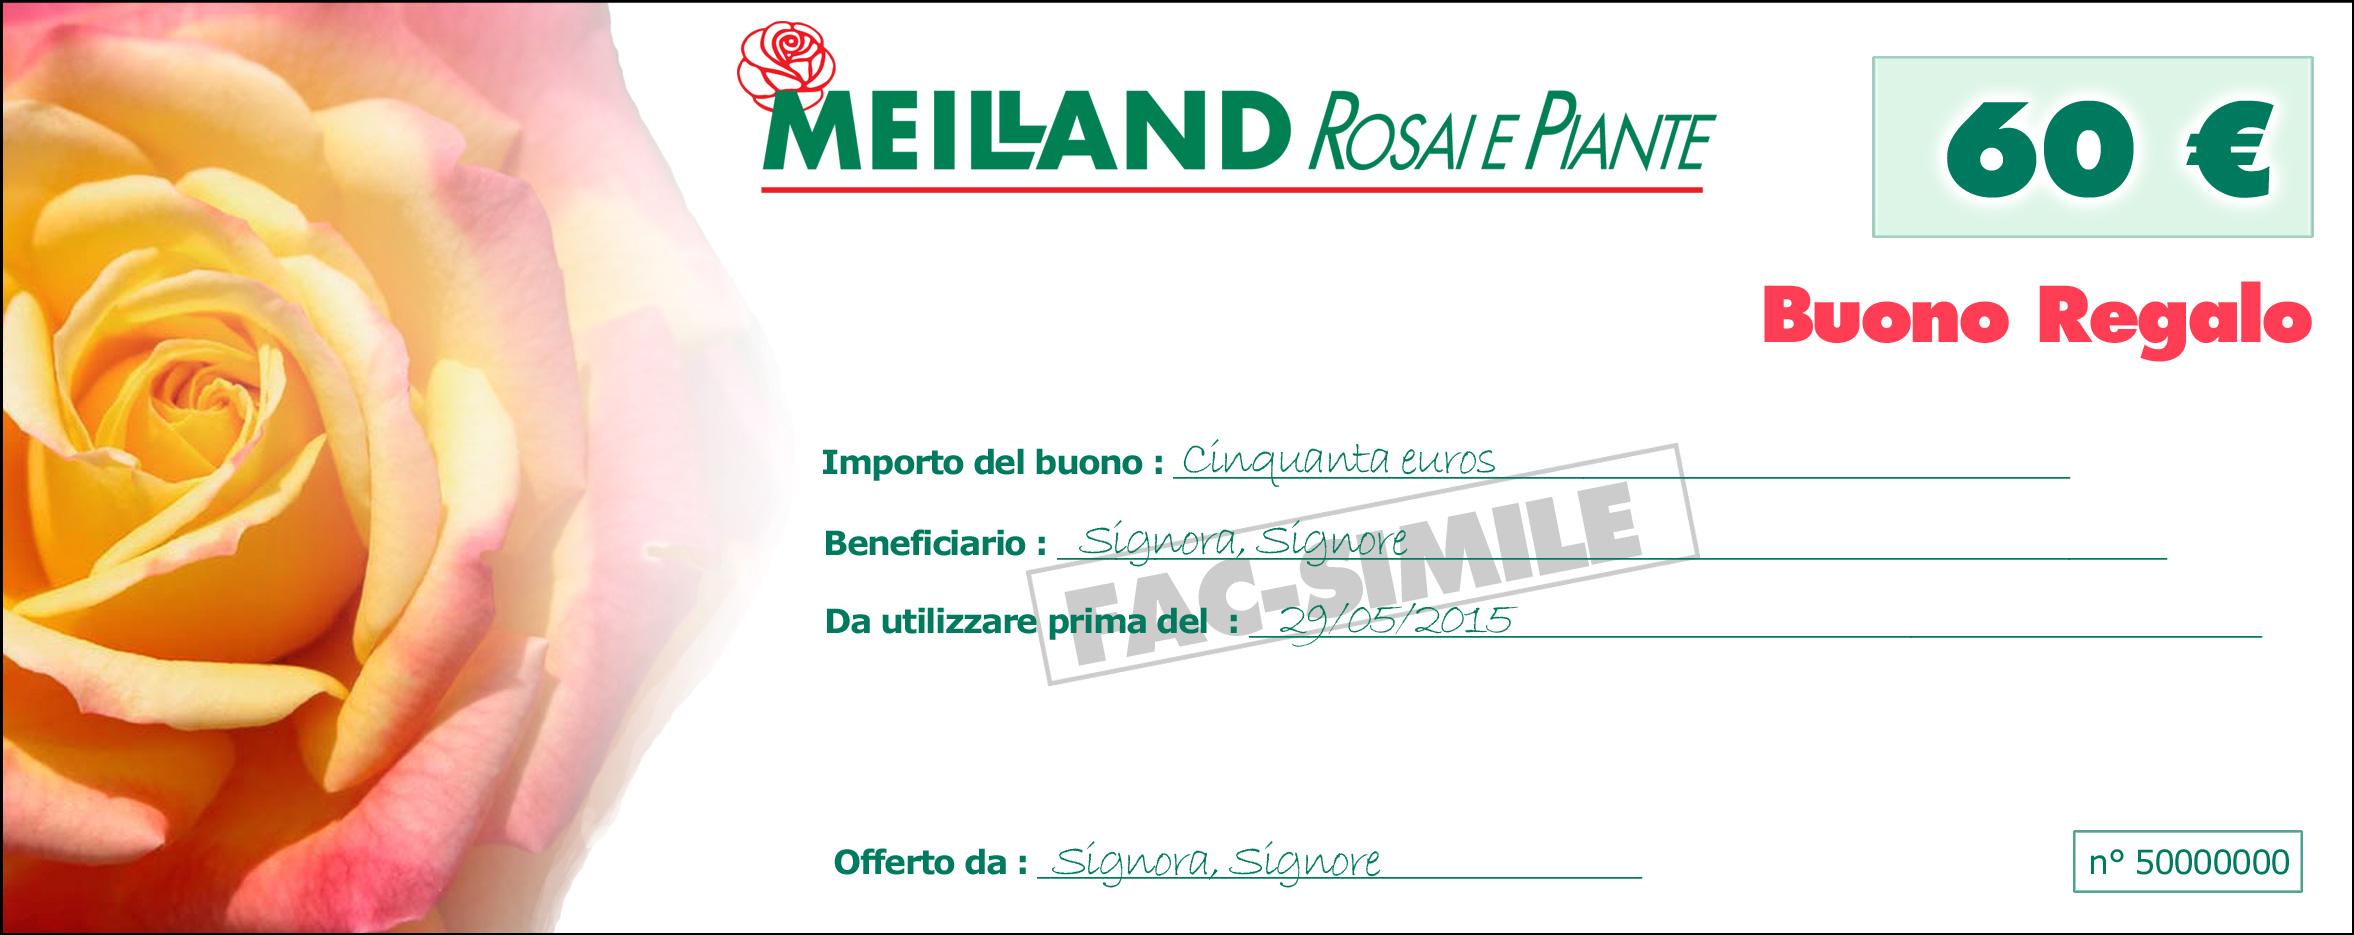 buono regalo rosai e piante meilland